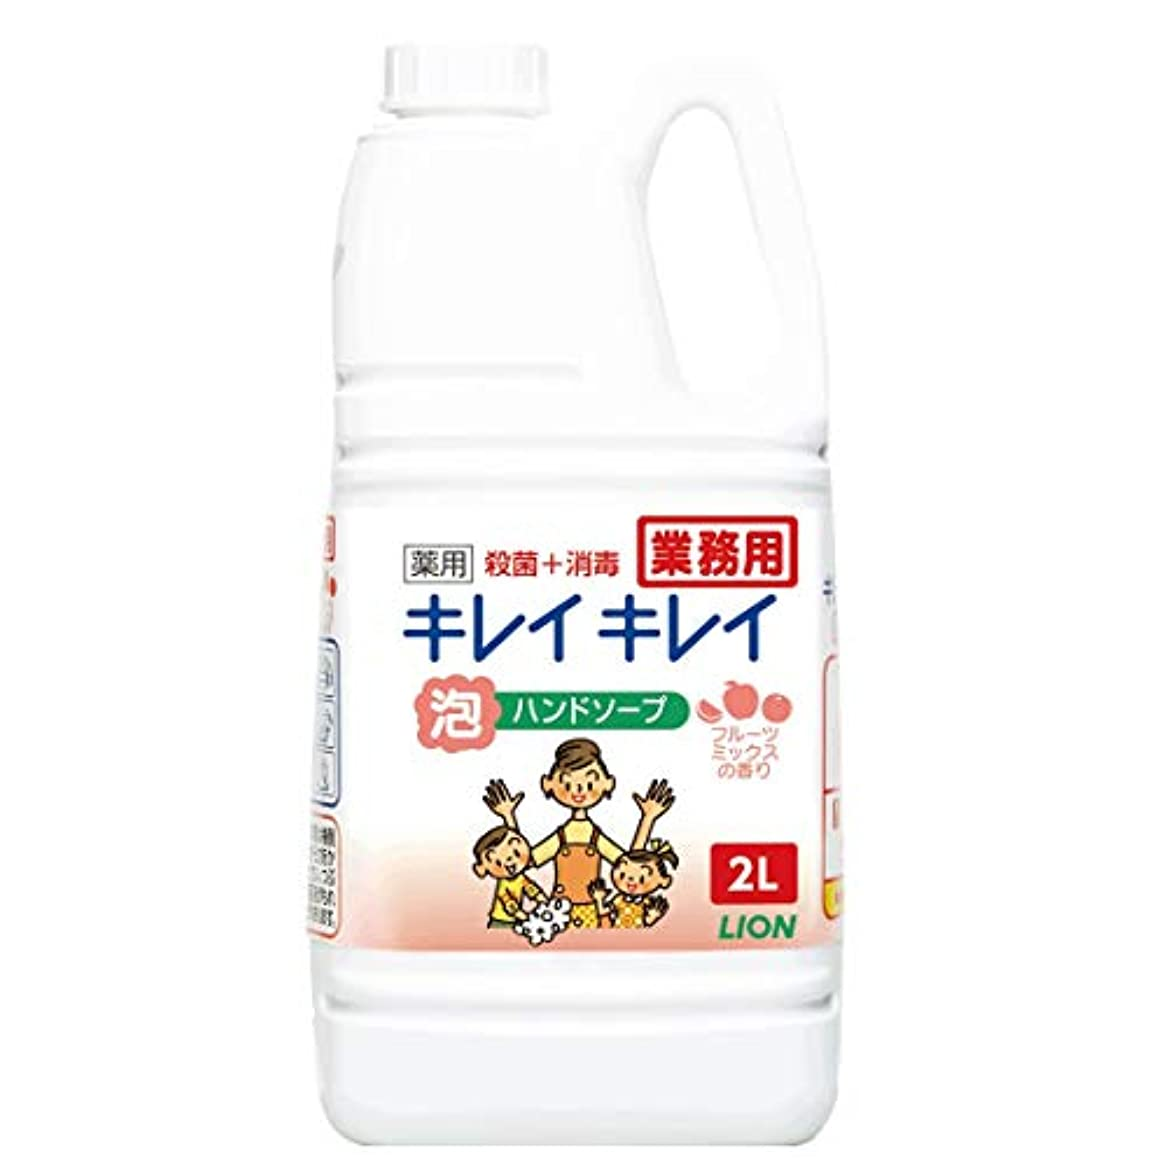 振り返る出会い疑問に思う【大容量】キレイキレイ 薬用泡ハンドソープ フルーツミックスの香り 2L